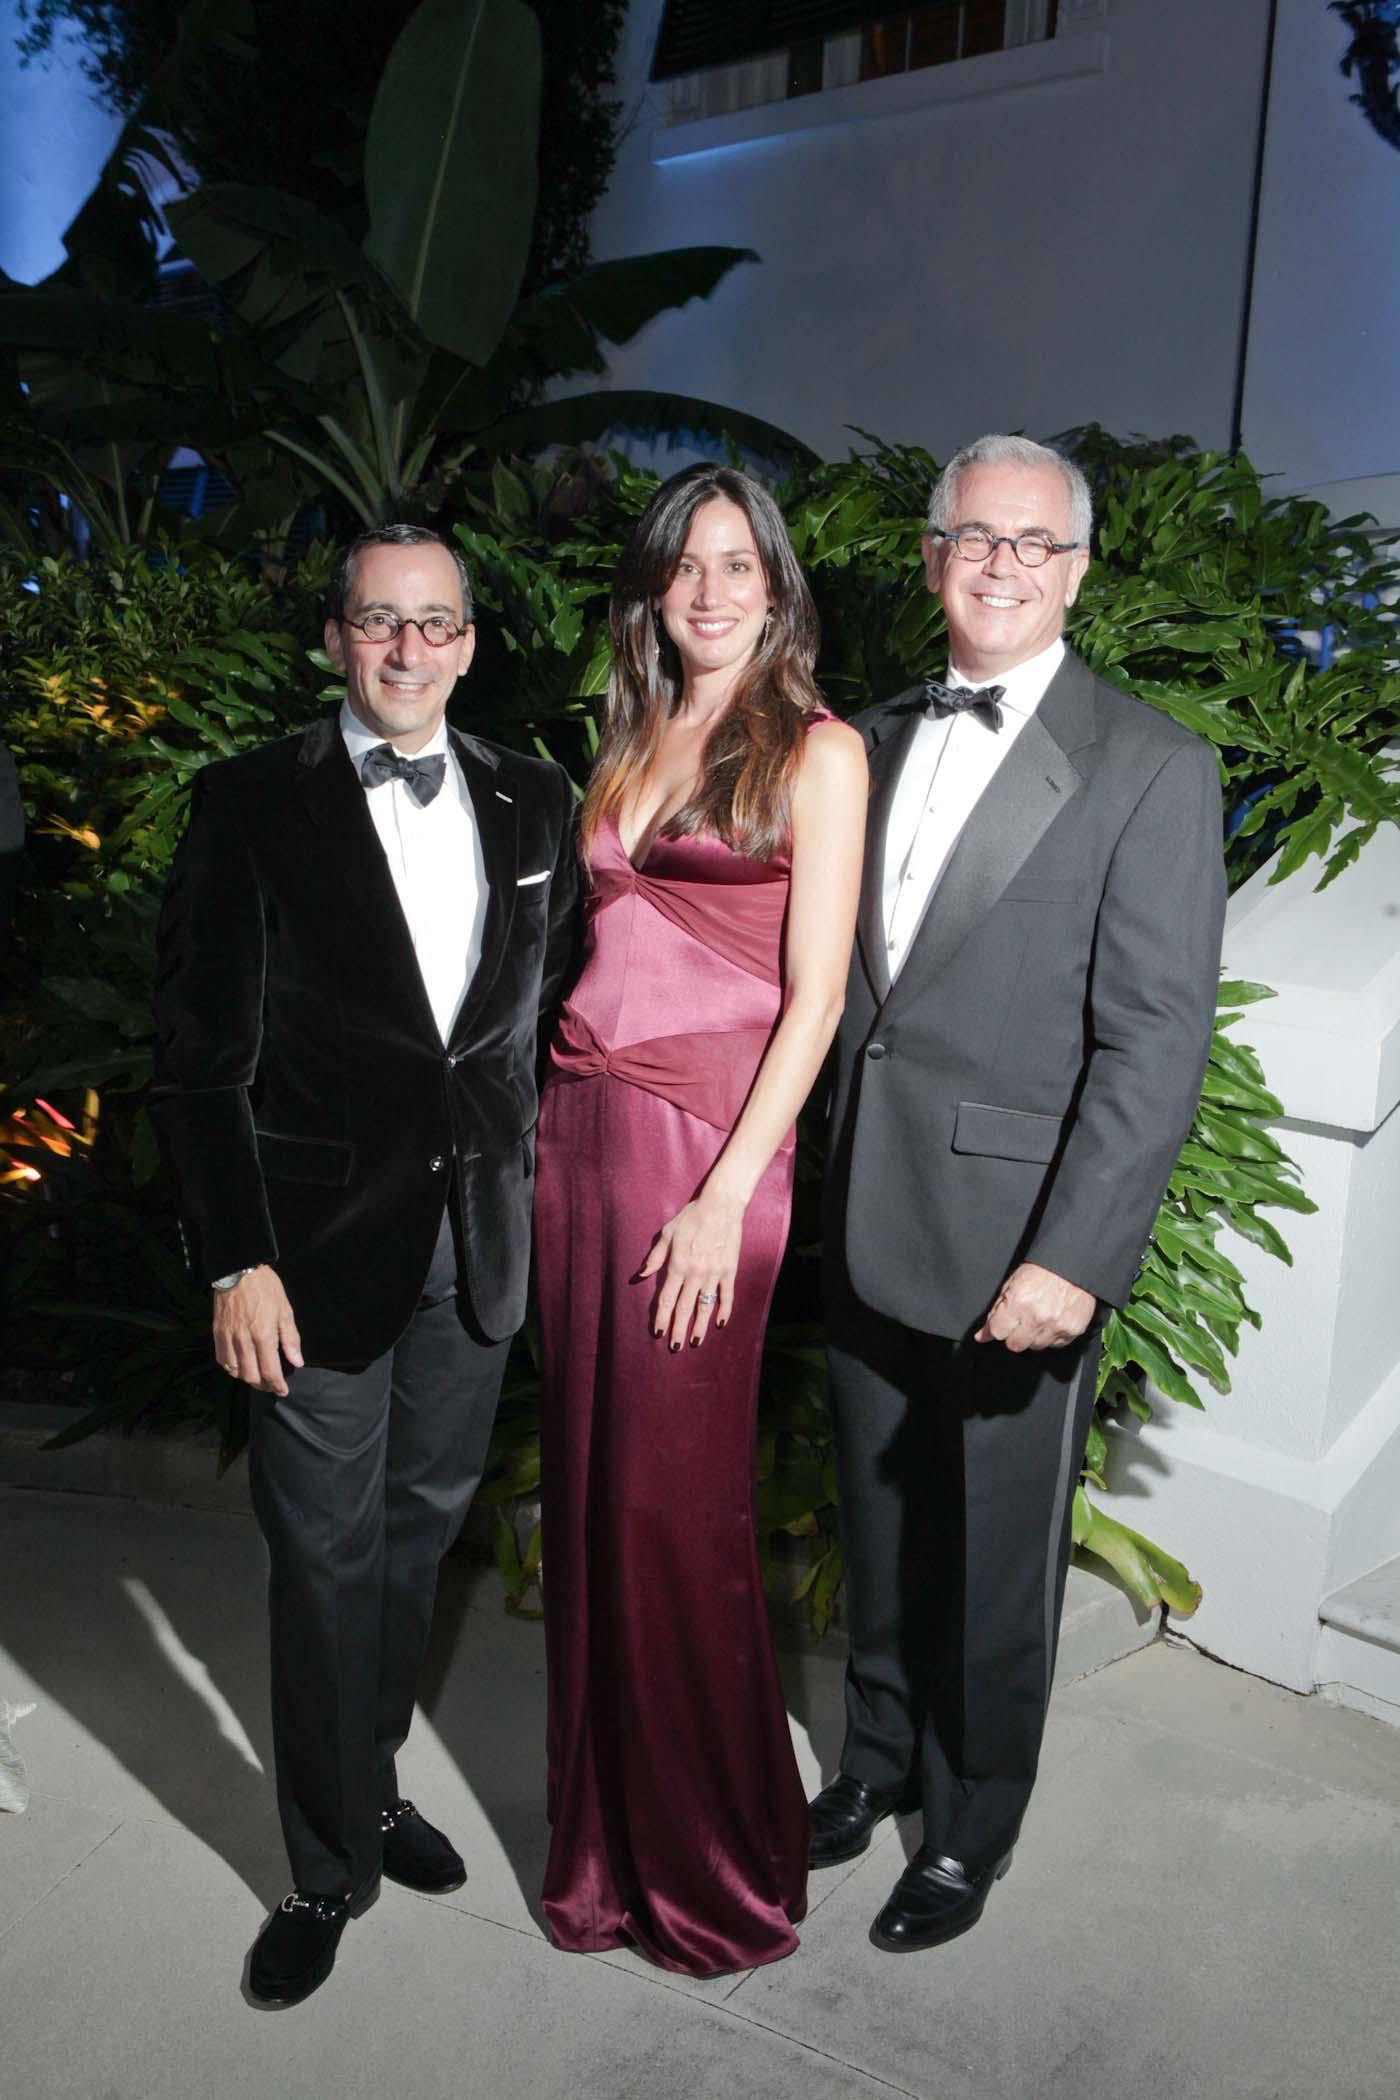 Scott Velozo, Rosemary  Denny and Stephen Mooney